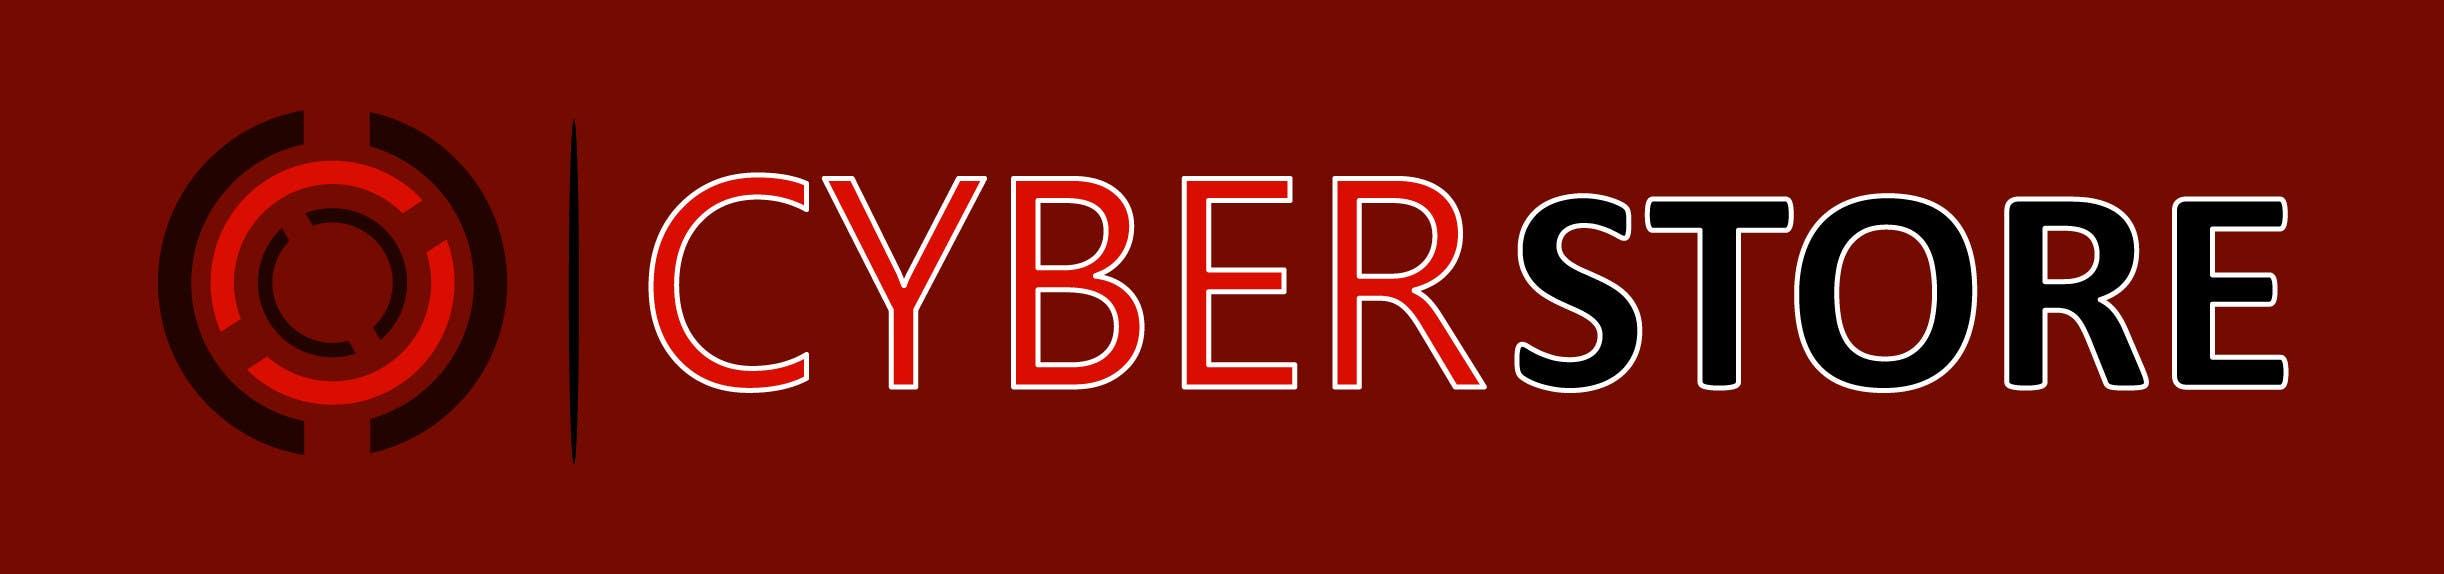 Penyertaan Peraduan #                                        14                                      untuk                                         Design a Logo for new Webstore